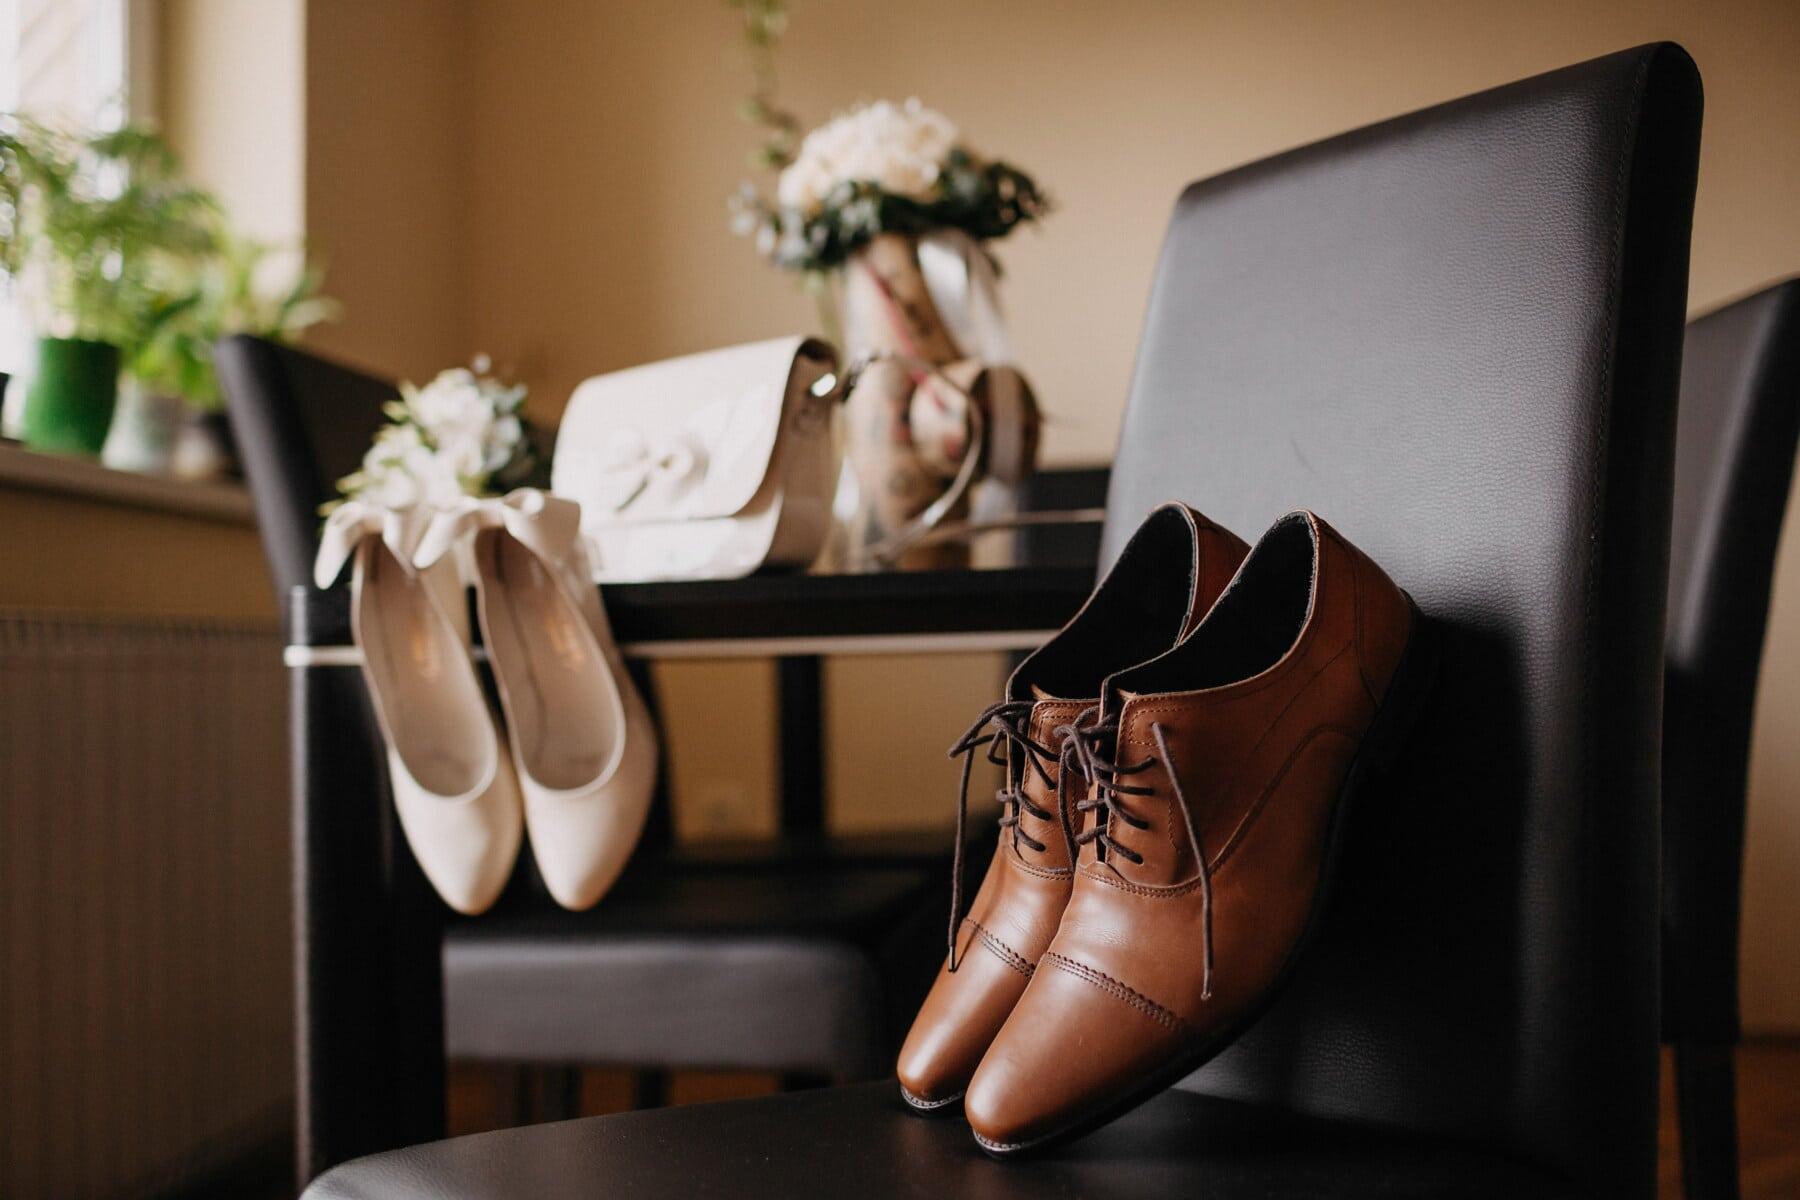 светло-коричневый, классик, Обувь, кожа, человек, обувь, стул, черный, Свадьба, чистка обуви